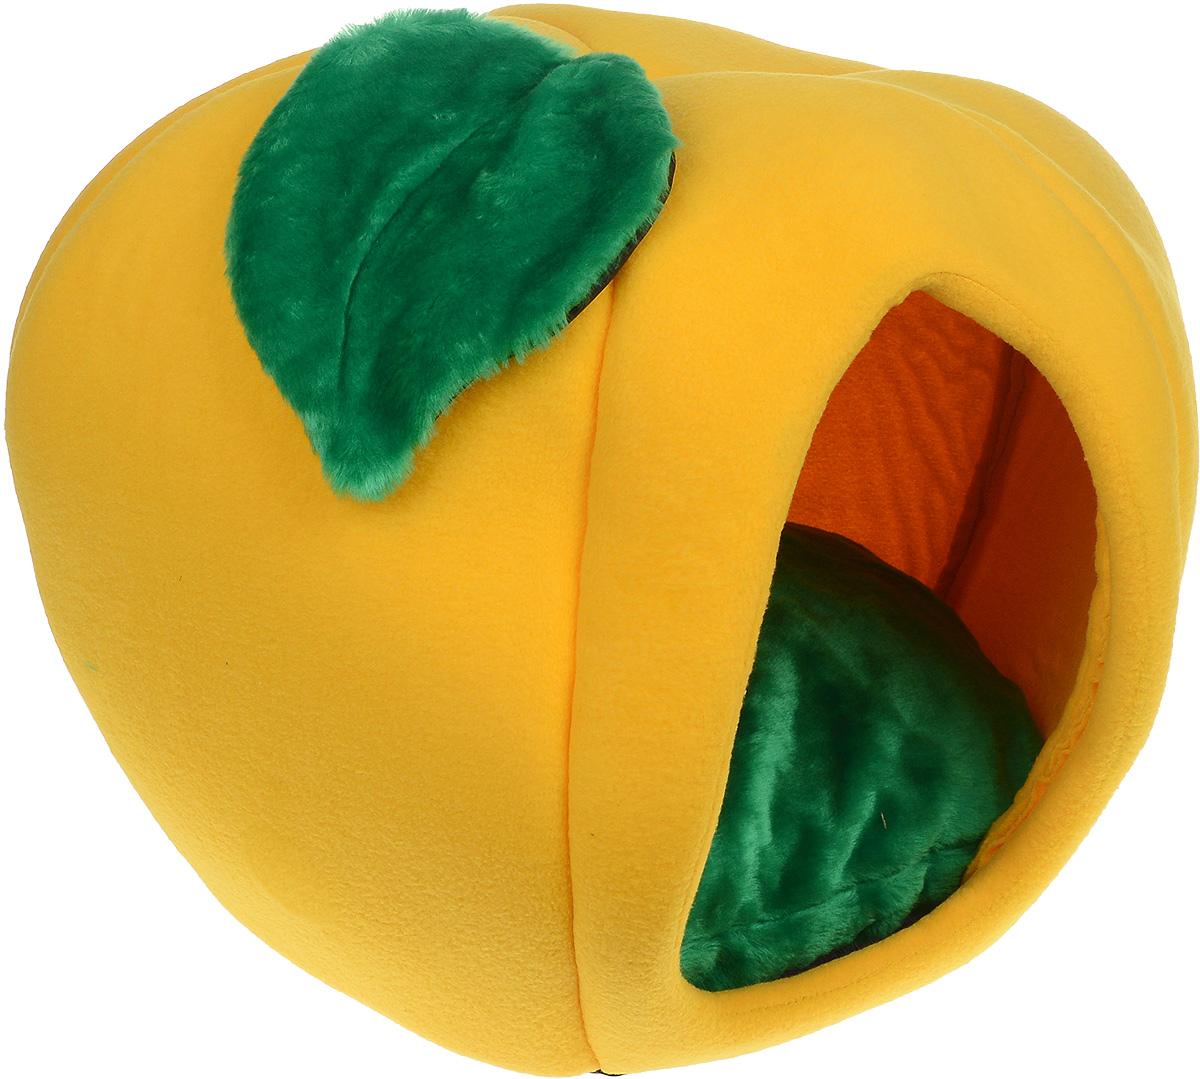 Домик для животных Зооник Тыква, с подушкой, цвет: желтый, зеленый, 50 х 50 х 40 см0120710Домик для животных Зооник Тыква, выполненный из флиса, с непревзойденным дизайном предназначен для кошек и мелких собак. Очень удобен и вместителен. Домик оснащен мягкой подушкой. Изделие гармонично украсит интерьер, подчеркнет вашу индивидуальность и будет радовать вас и вашего питомца.